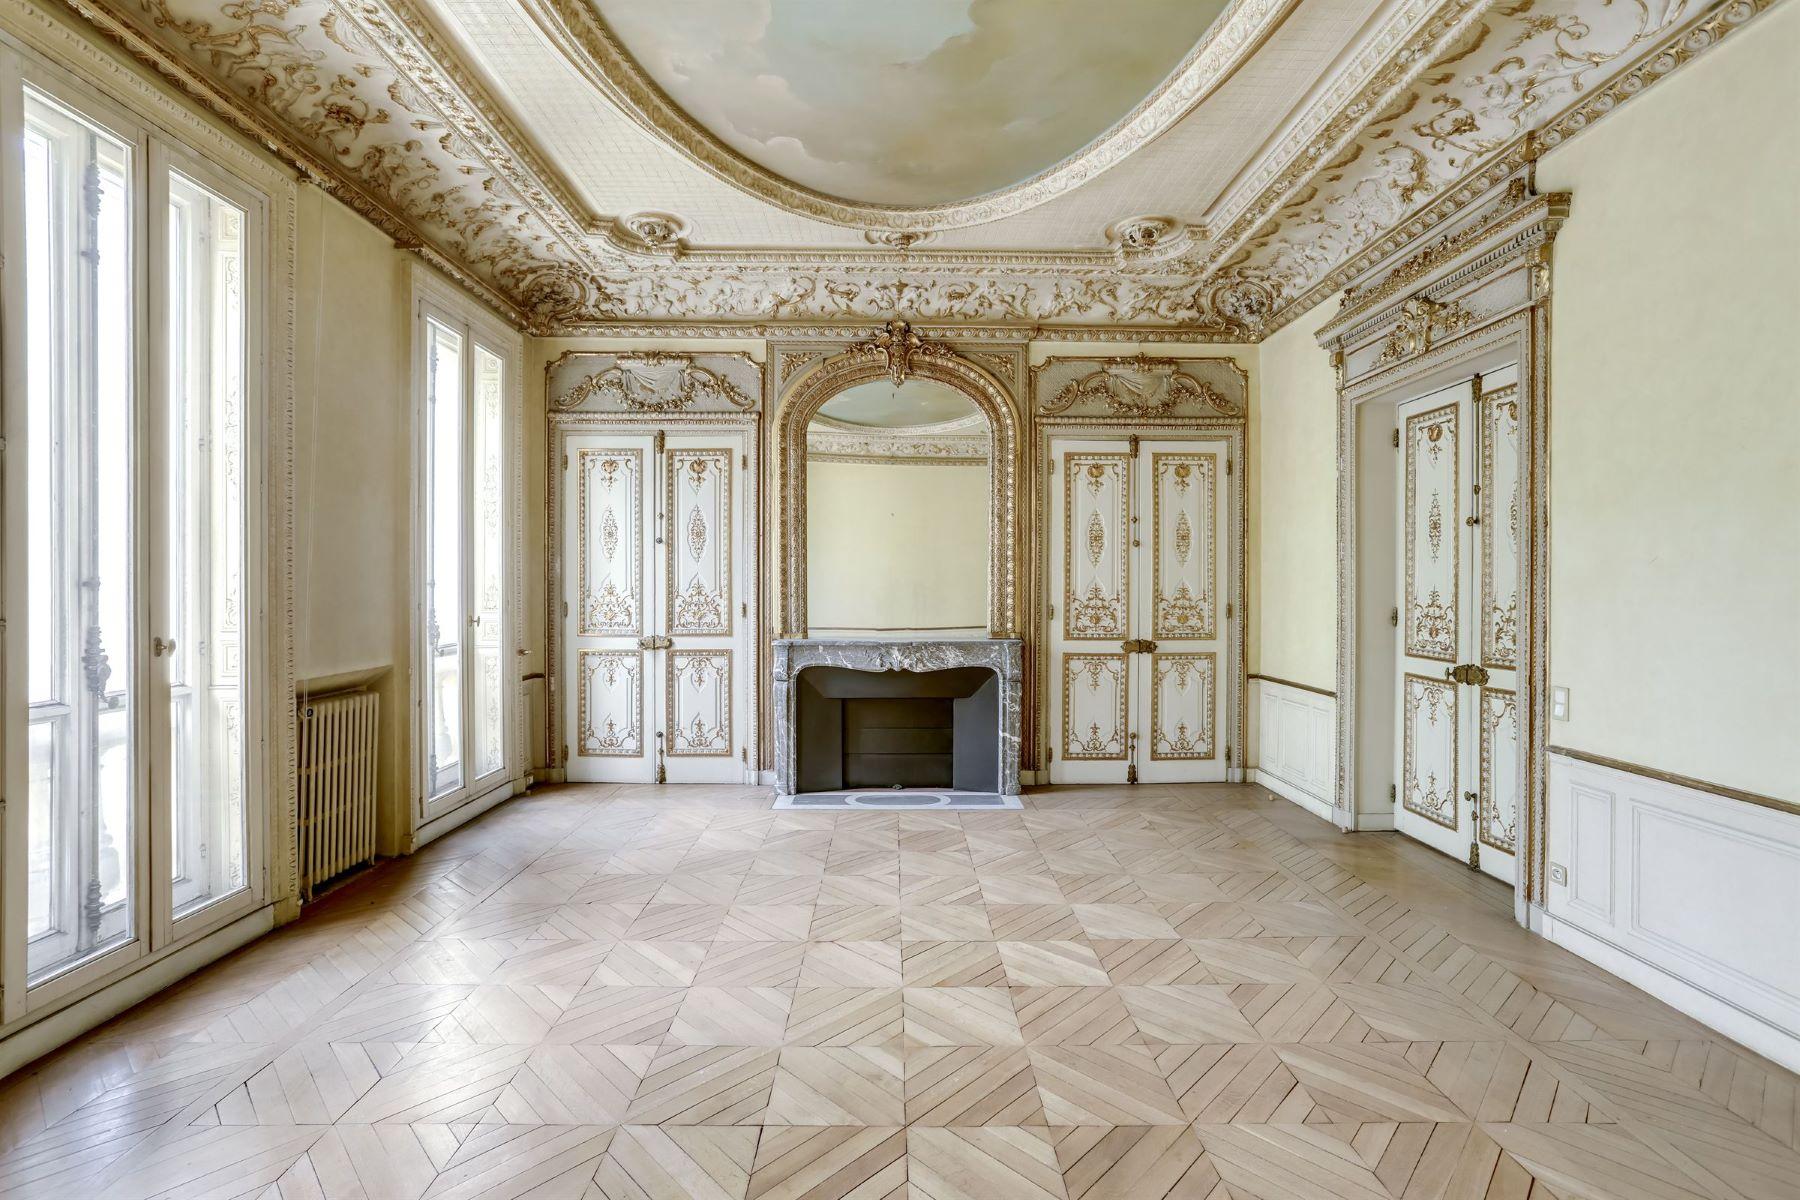 Single Family Home for Sale at Etoile - Hoche Paris, Ile-De-France 75008 France